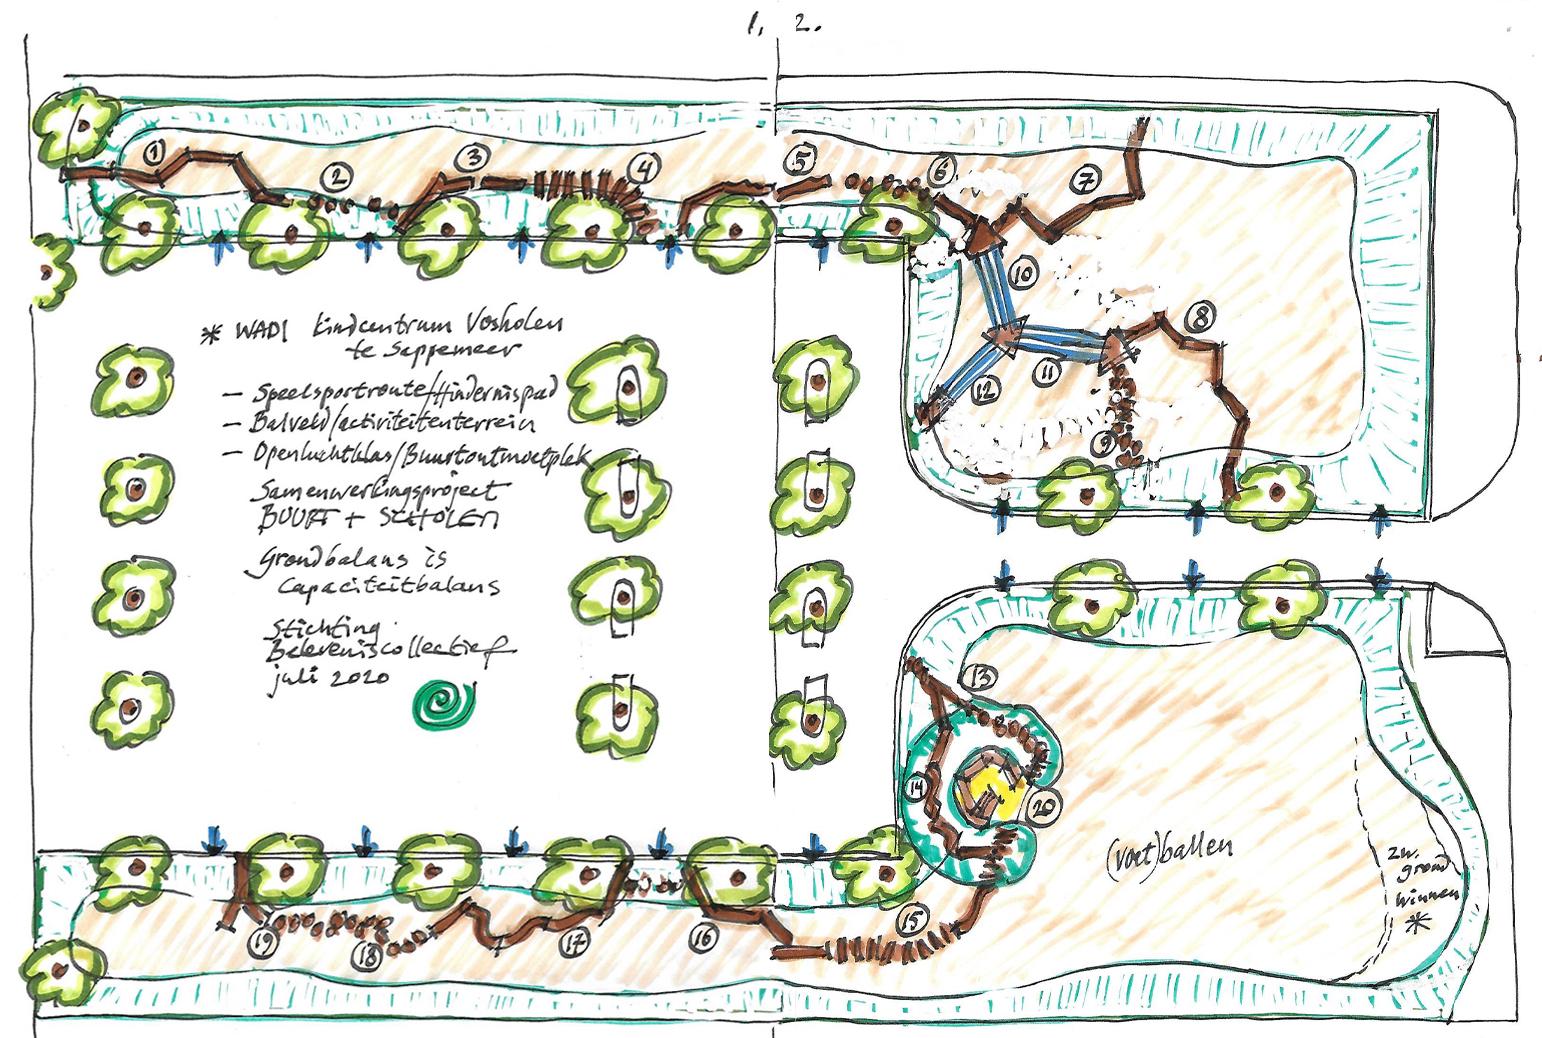 Getekende plattegrond van de wadi bij kindcentrum Voshoven